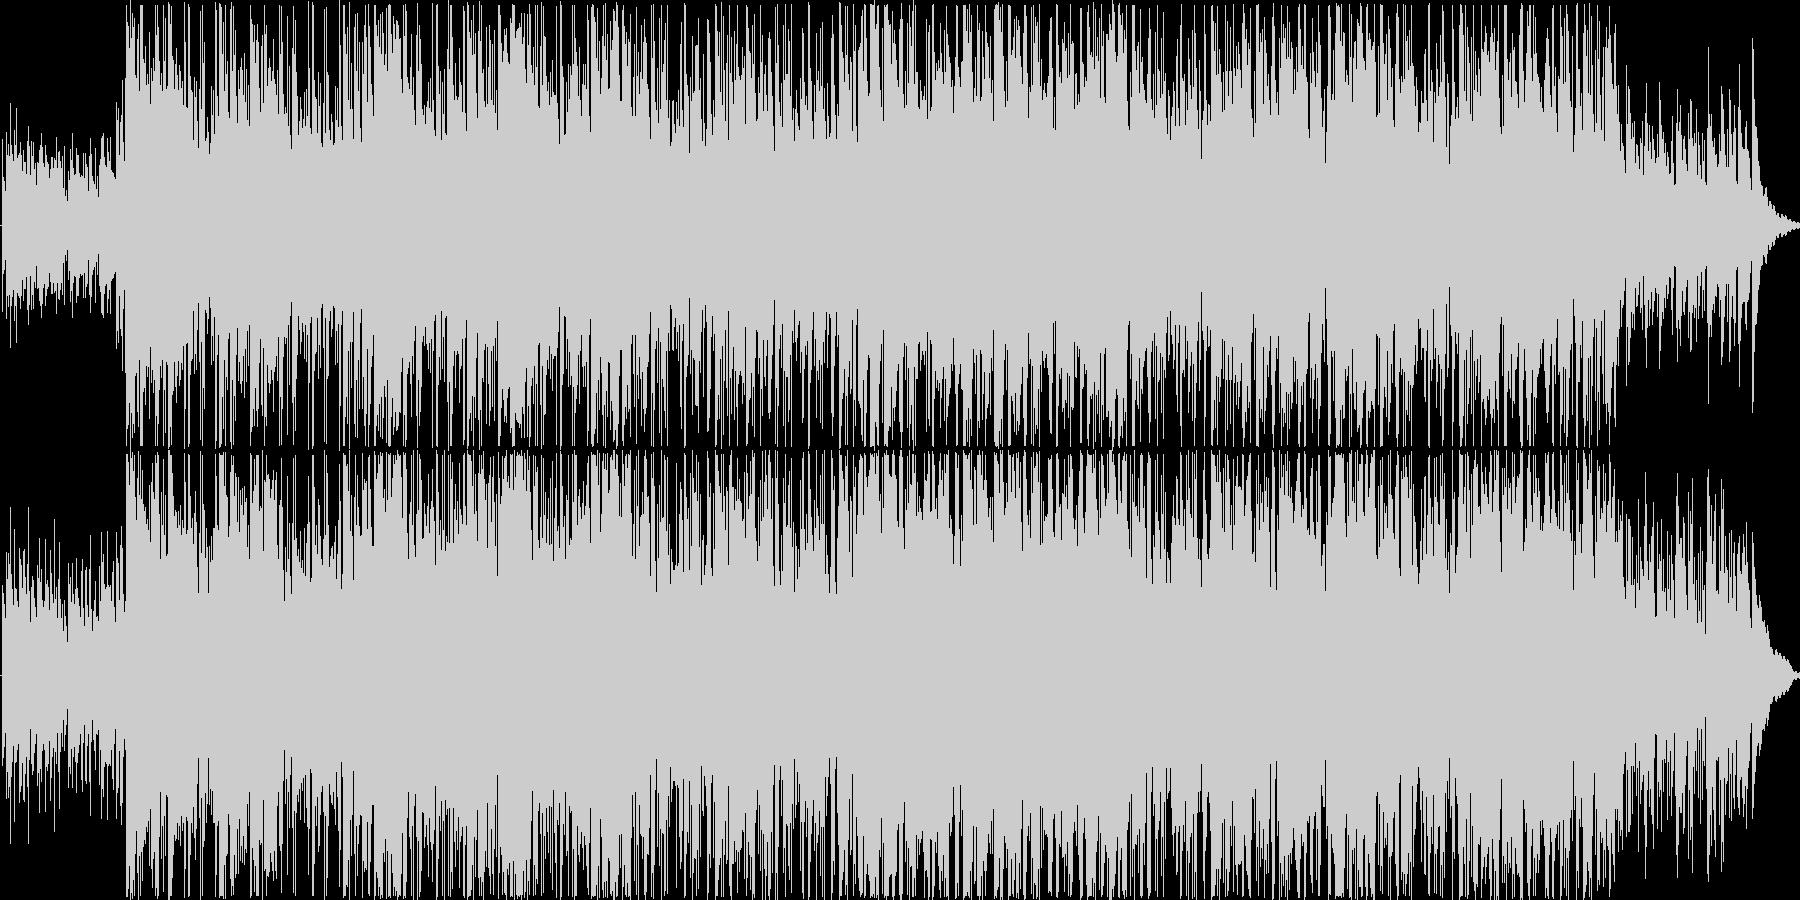 明るいボサノバテイストのBGMの未再生の波形